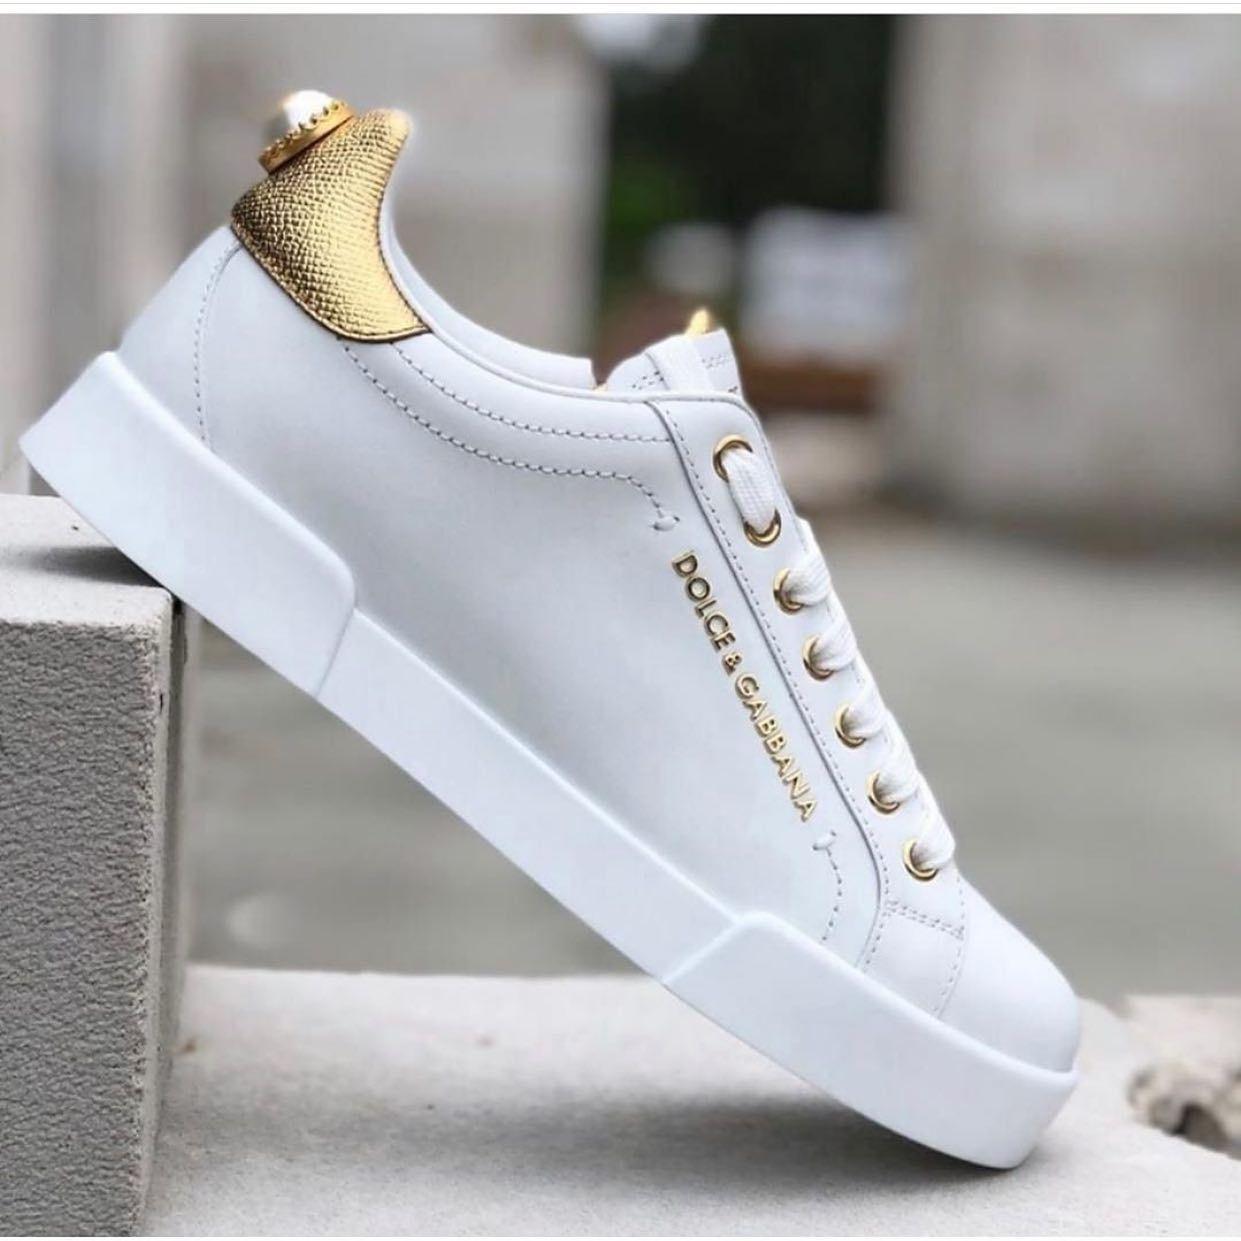 Czy Widzieliscie Juz Najnowsze Promocje Link Znajdziecie W Bio Dolcegabbana Dolcegabbanasneakers Luksus Luksusowez White Sneaker Shoes Wedding Sneaker